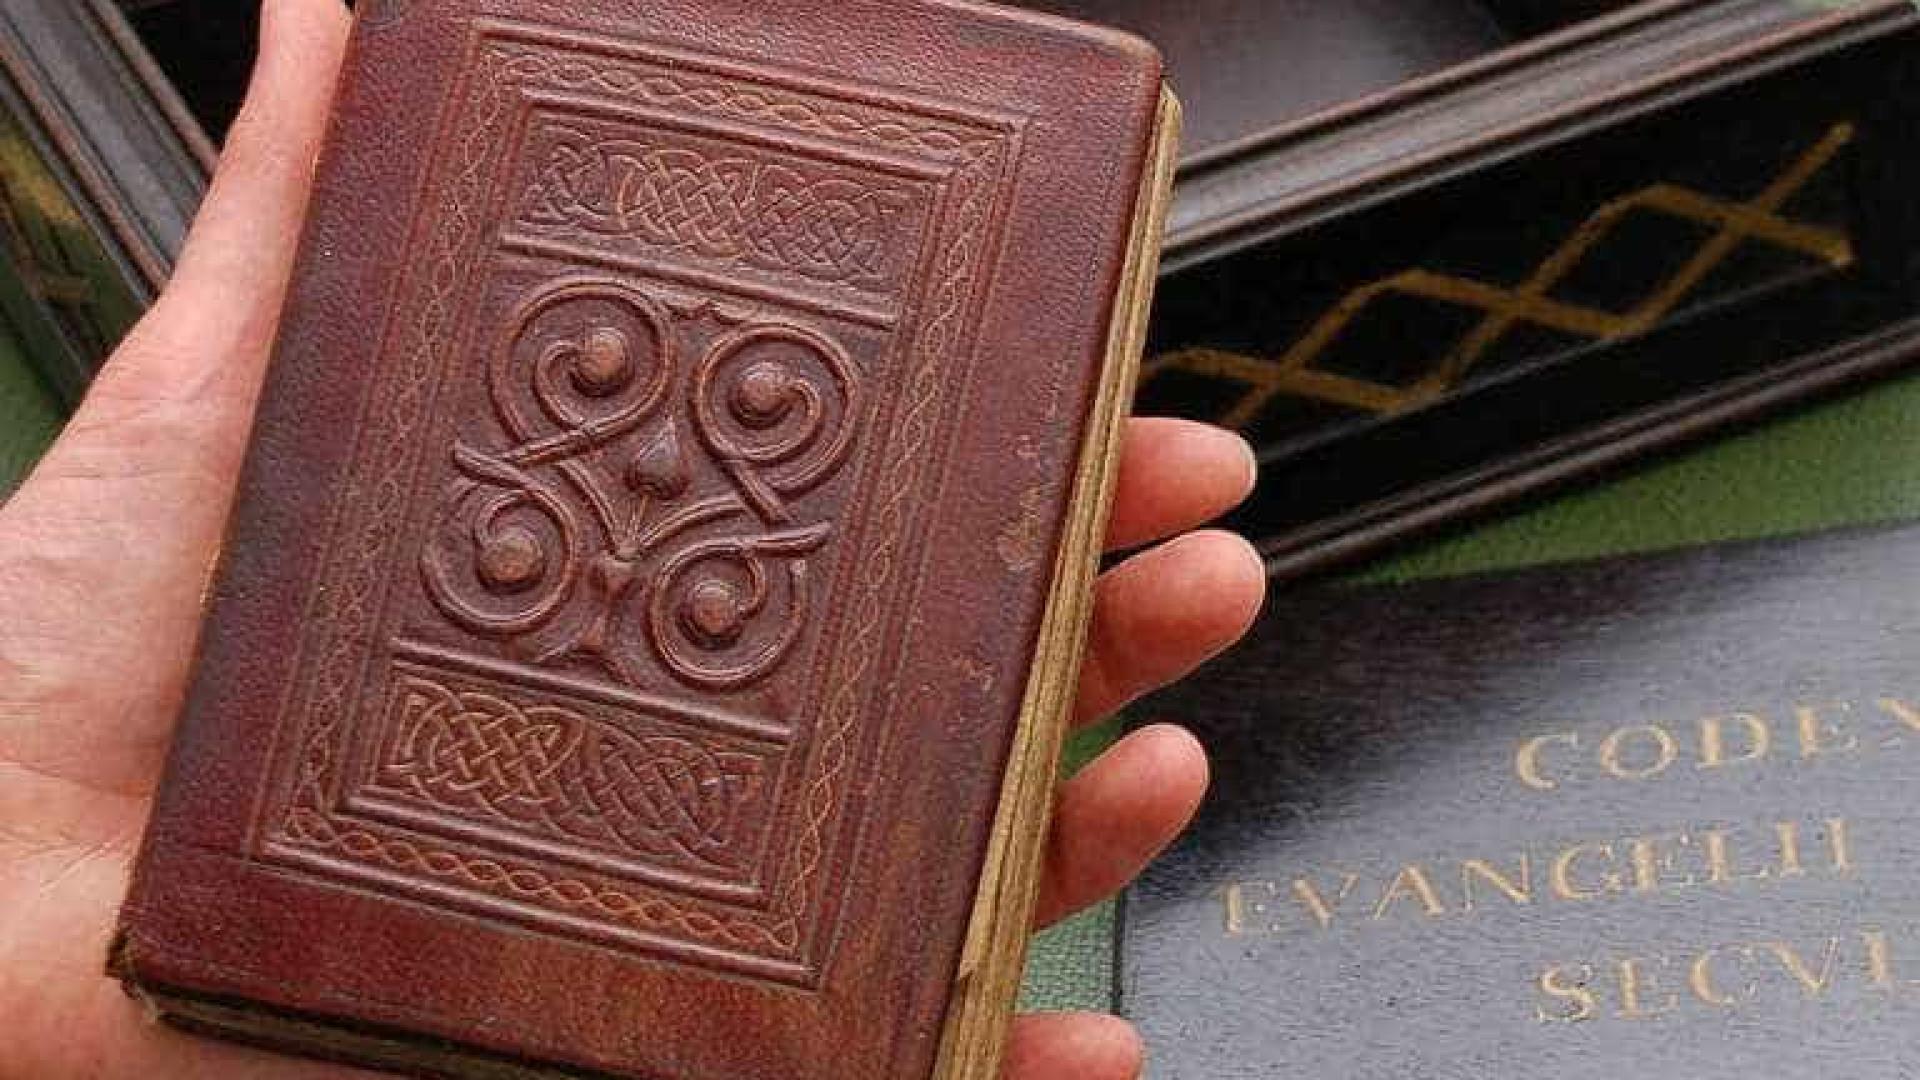 Encontrado em caixão de santo, livro mais antigo da Europa será exibido